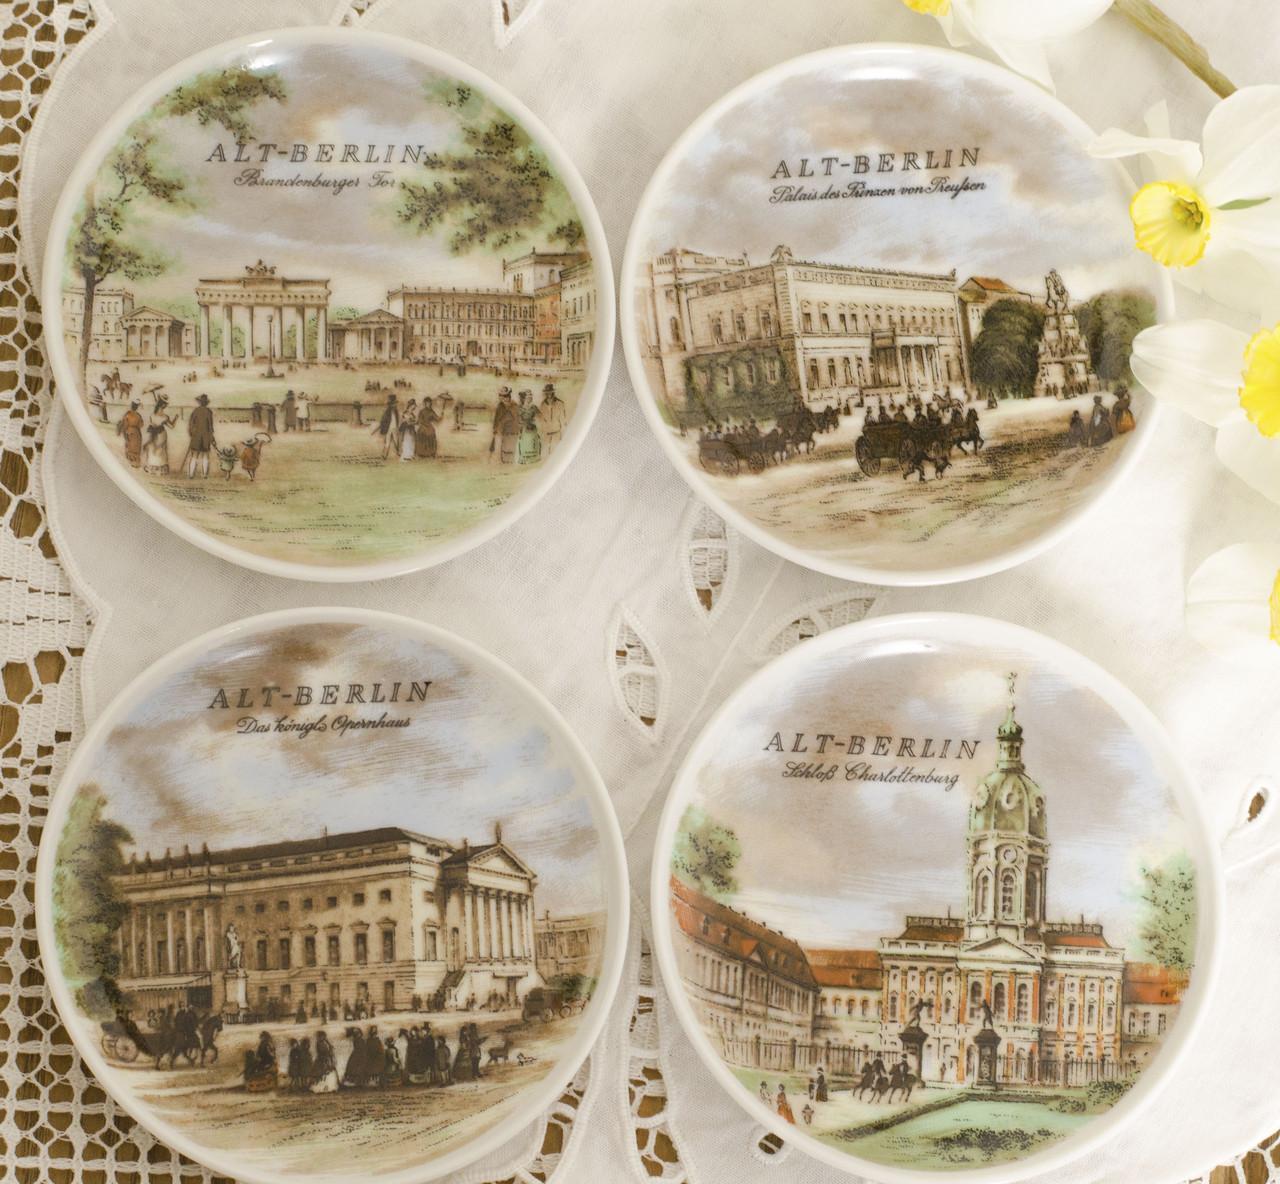 Четыре фарфоровые тарелочки с историческими зданиями Берлина, фарфор, Германия, Kaiser